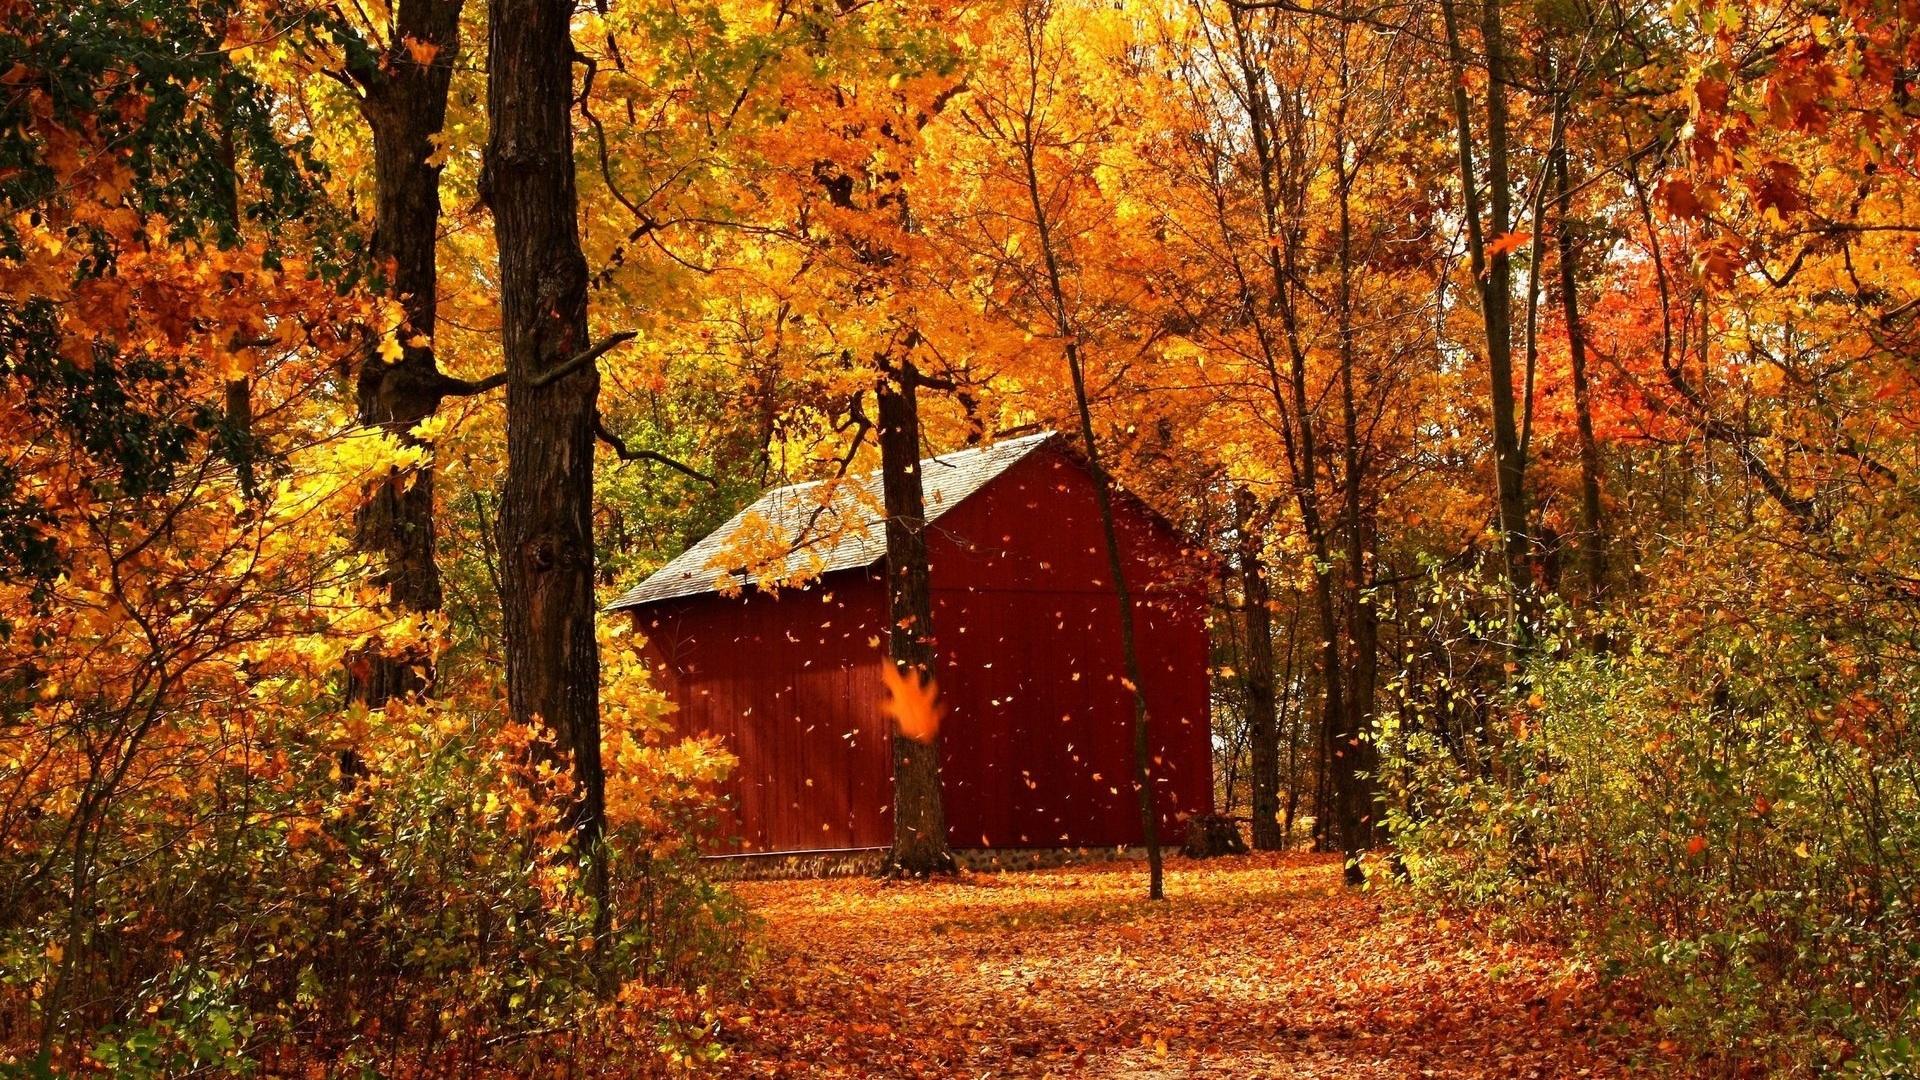 Осення дорожка лесу подборки